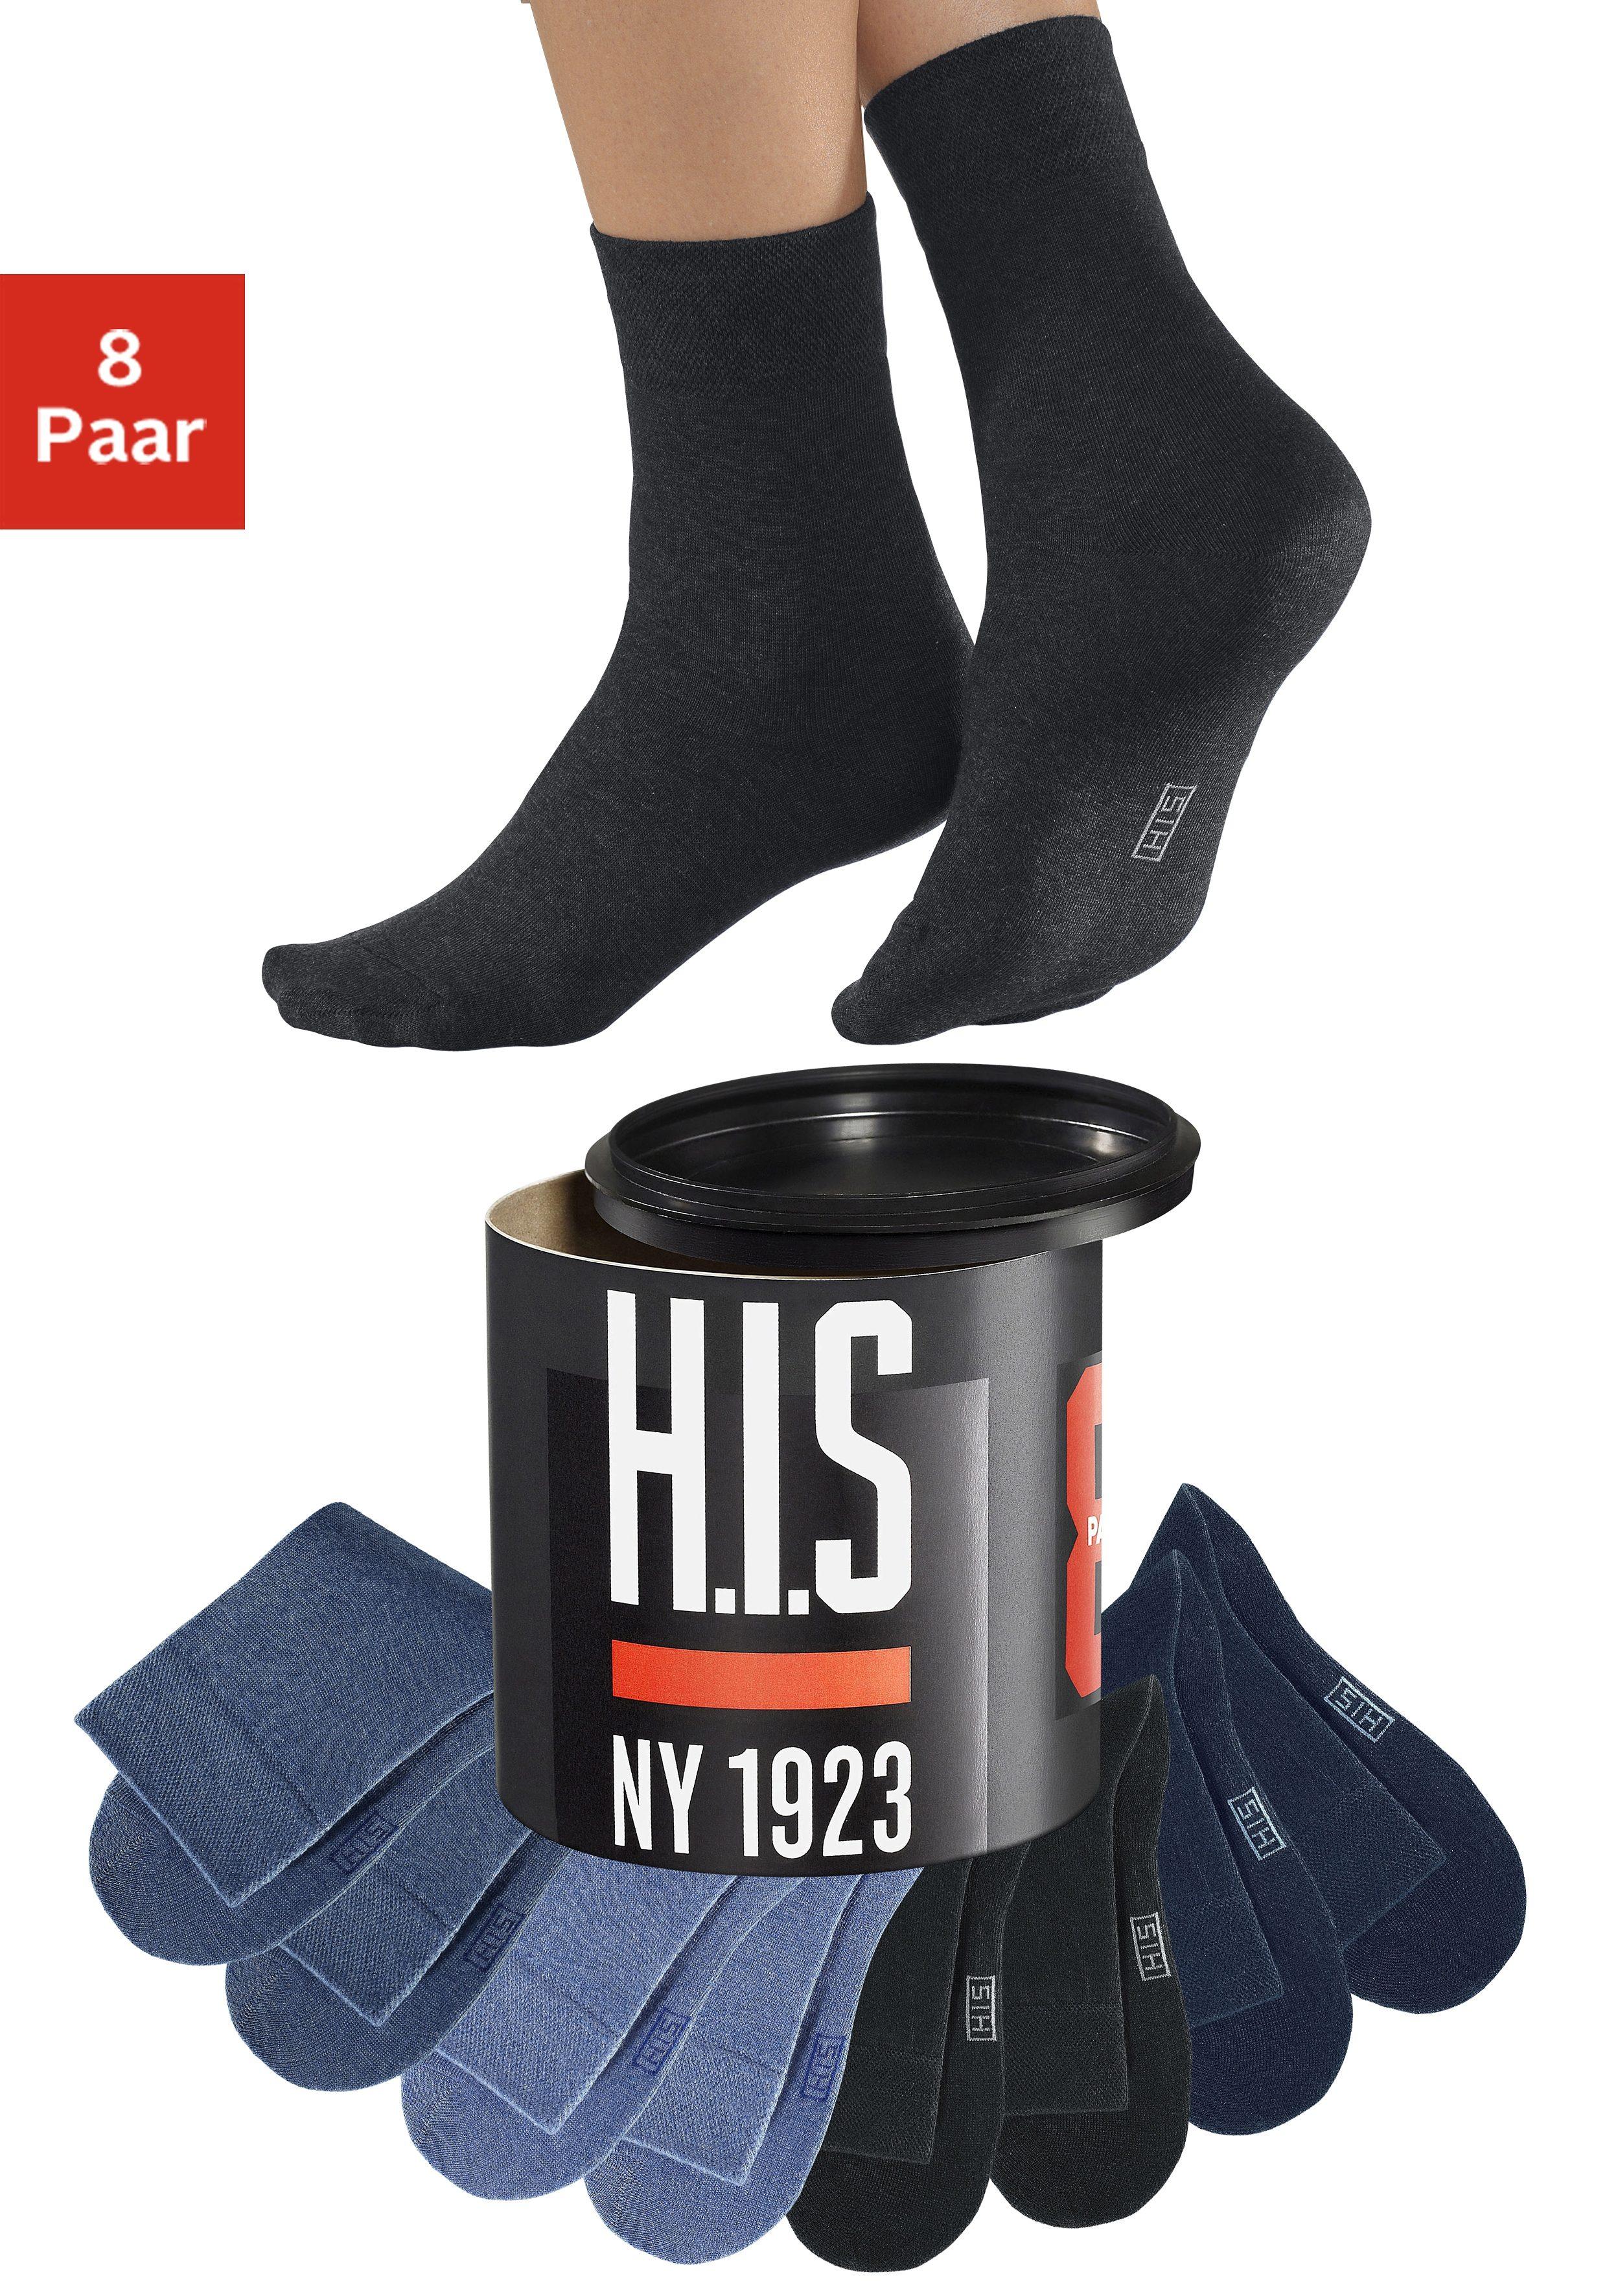 H.I.S Socken (8 Paar) Jeanstöne in der Geschenkdose